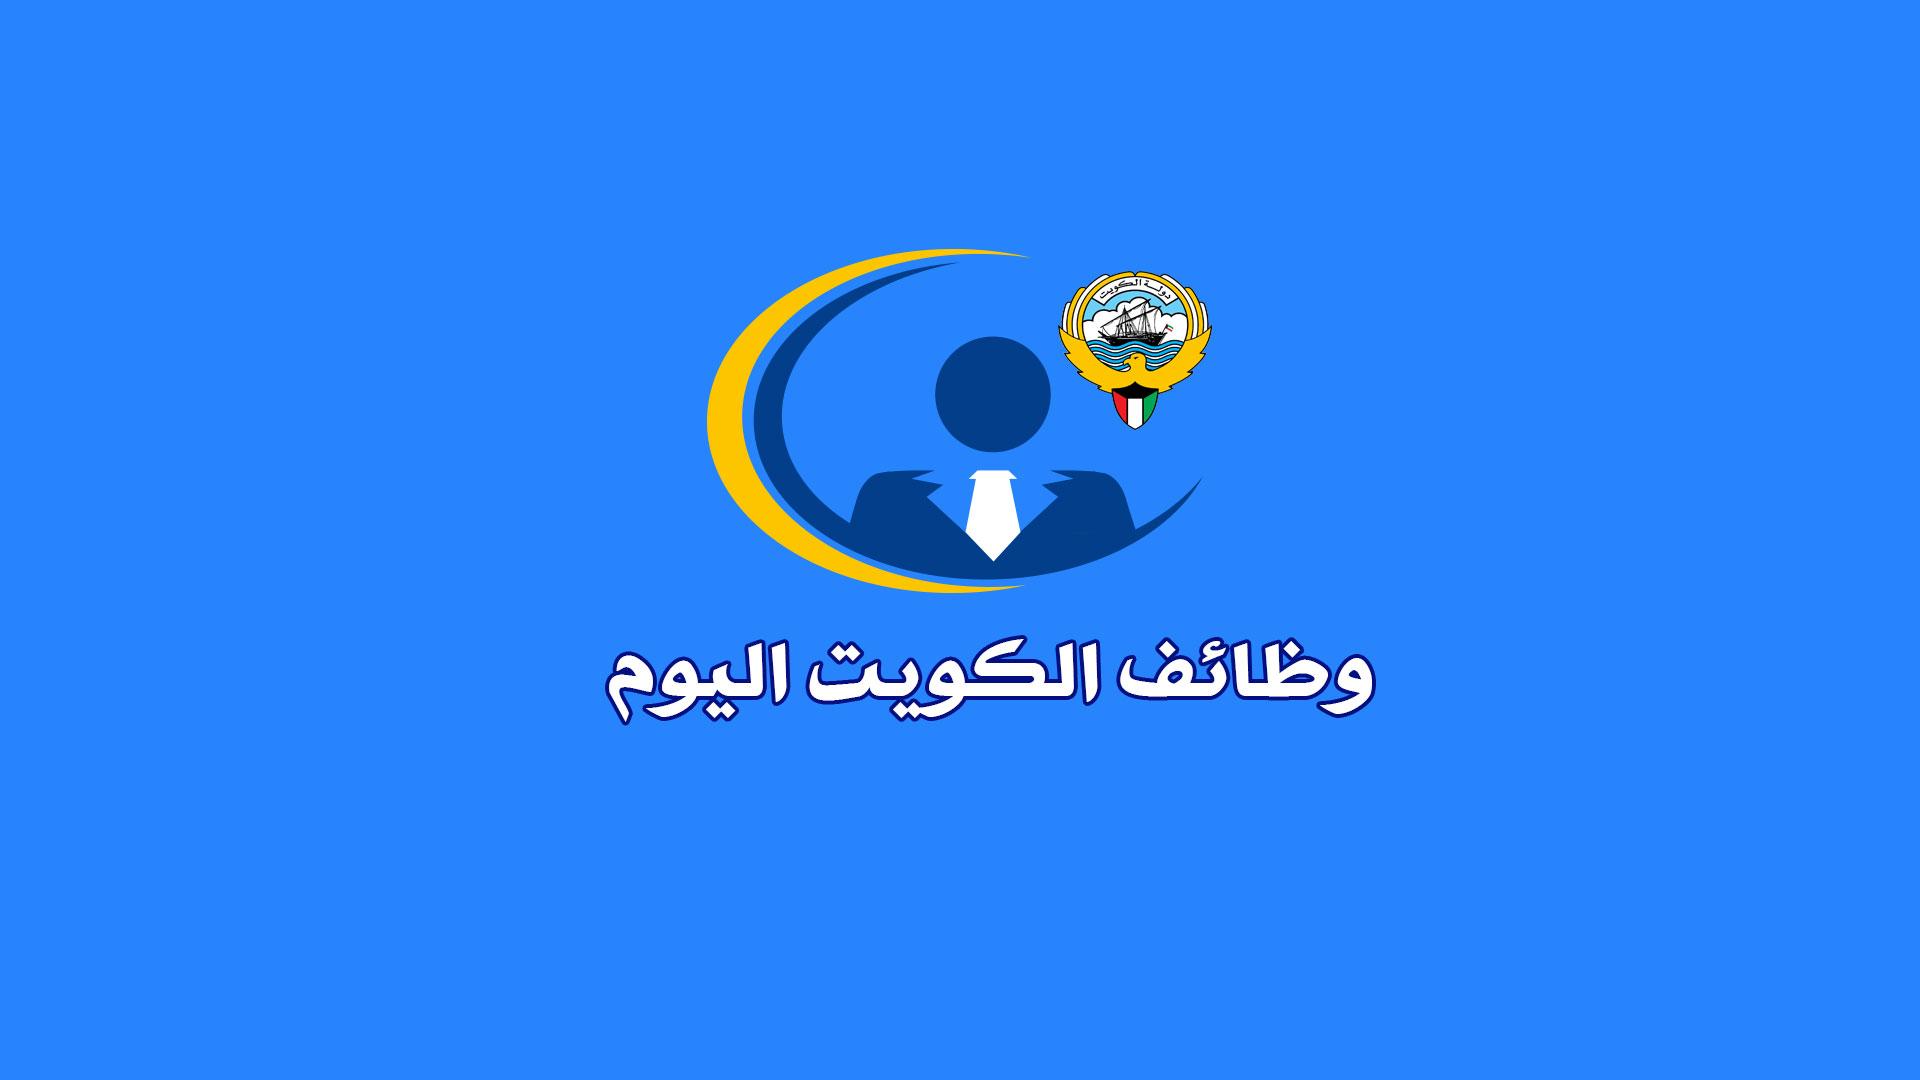 نشرة التوظيف لدولة الكويت ليوم الأحد18-10-2020  أكثر من 95وظيفة متاحة .جميع الوظائف الموجودة بالصحف